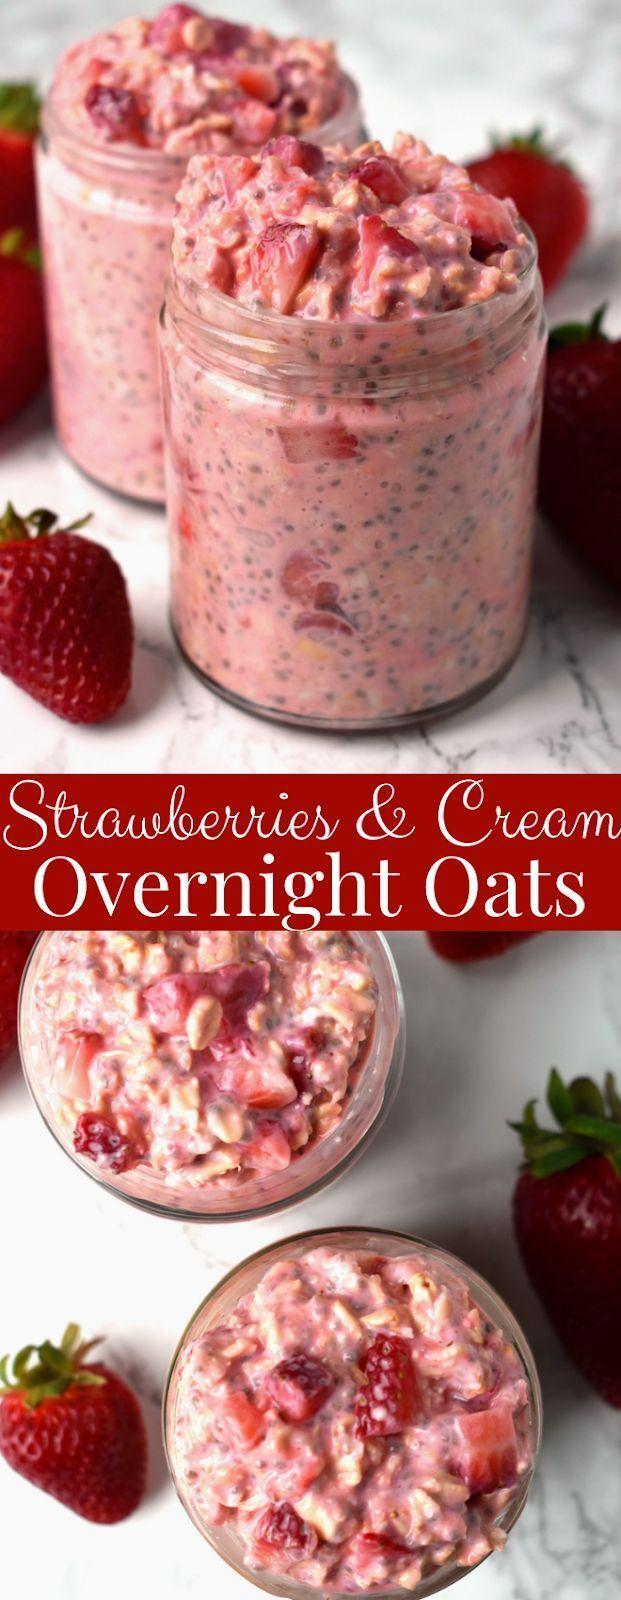 Strawberries And Cream Overnight Oats Di 2020 Resep Sarapan Ide Makanan Makanan Ringan Sehat